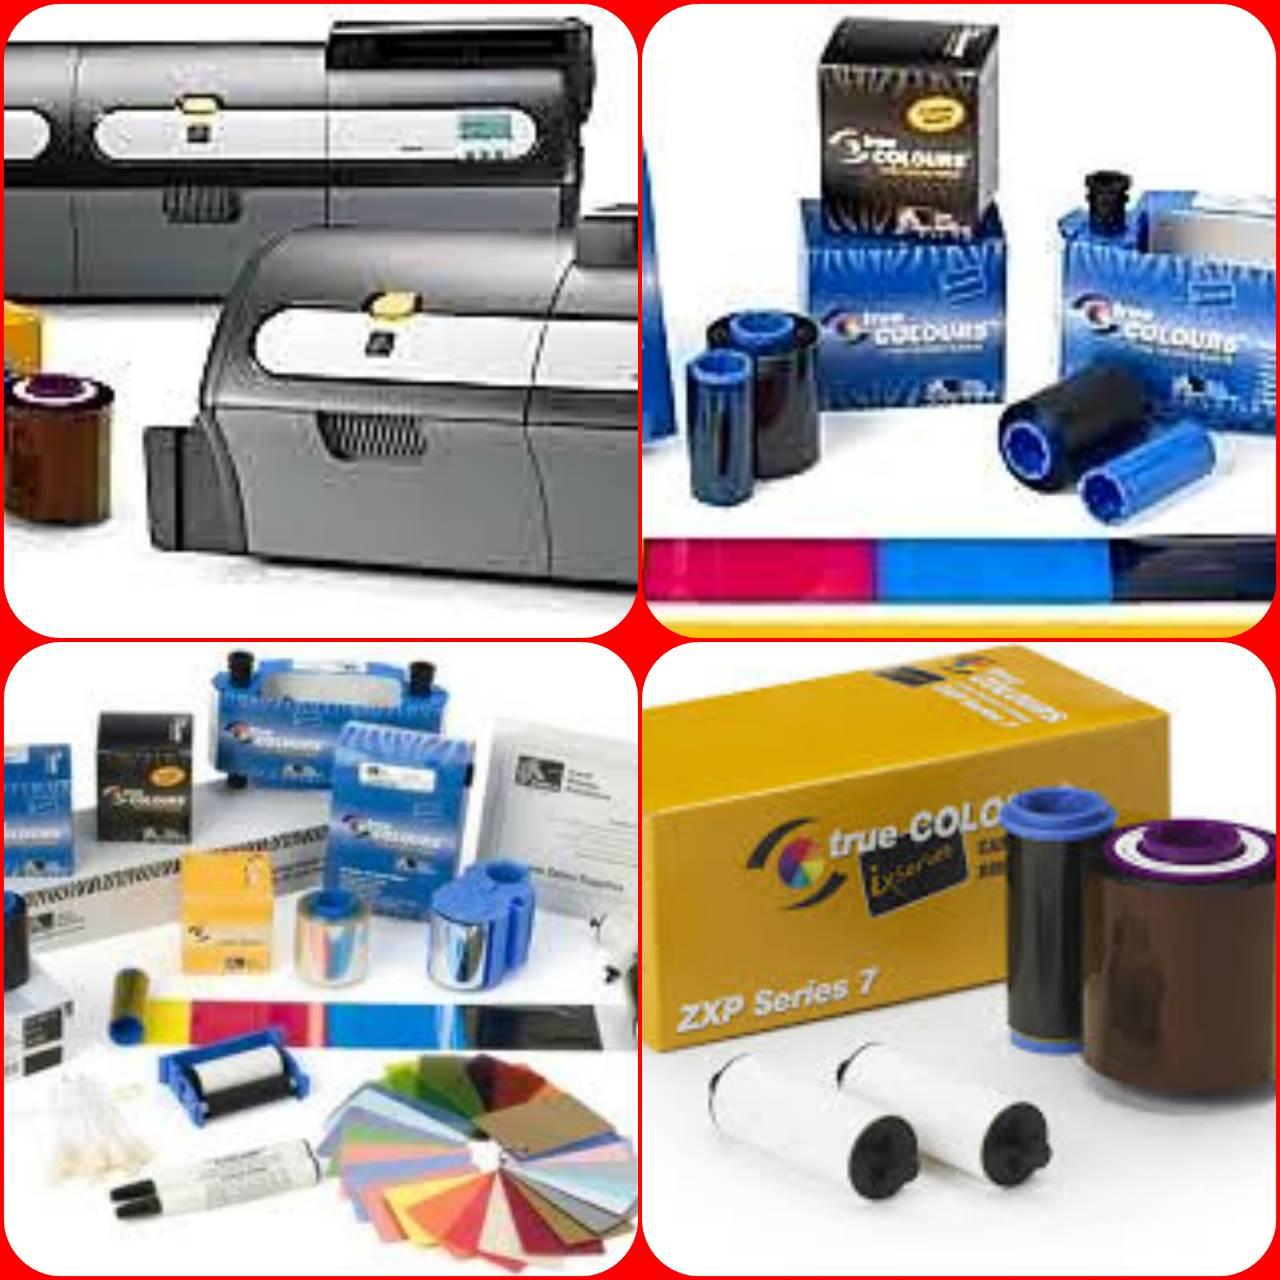 เครื่องพิมพ์บัตร ribbon งานพรีเมี่ยม ปากกา ถุง กระดาษ ยูเอสบี พาวเวอร์แบงค์ ดินสอ